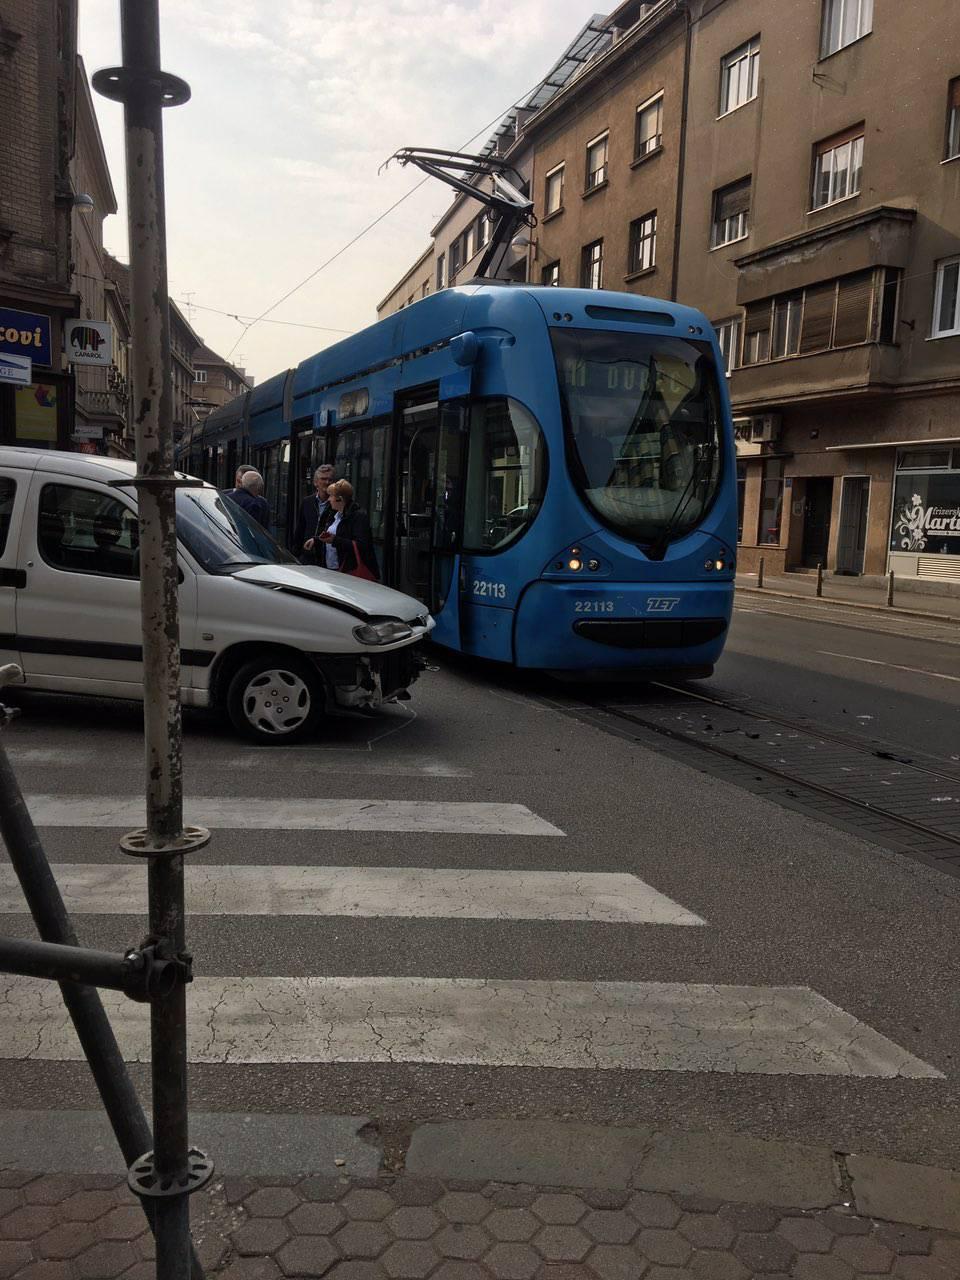 Sudarili se automobil i tramvaj: 'Prednji dio auta je smrskan...'